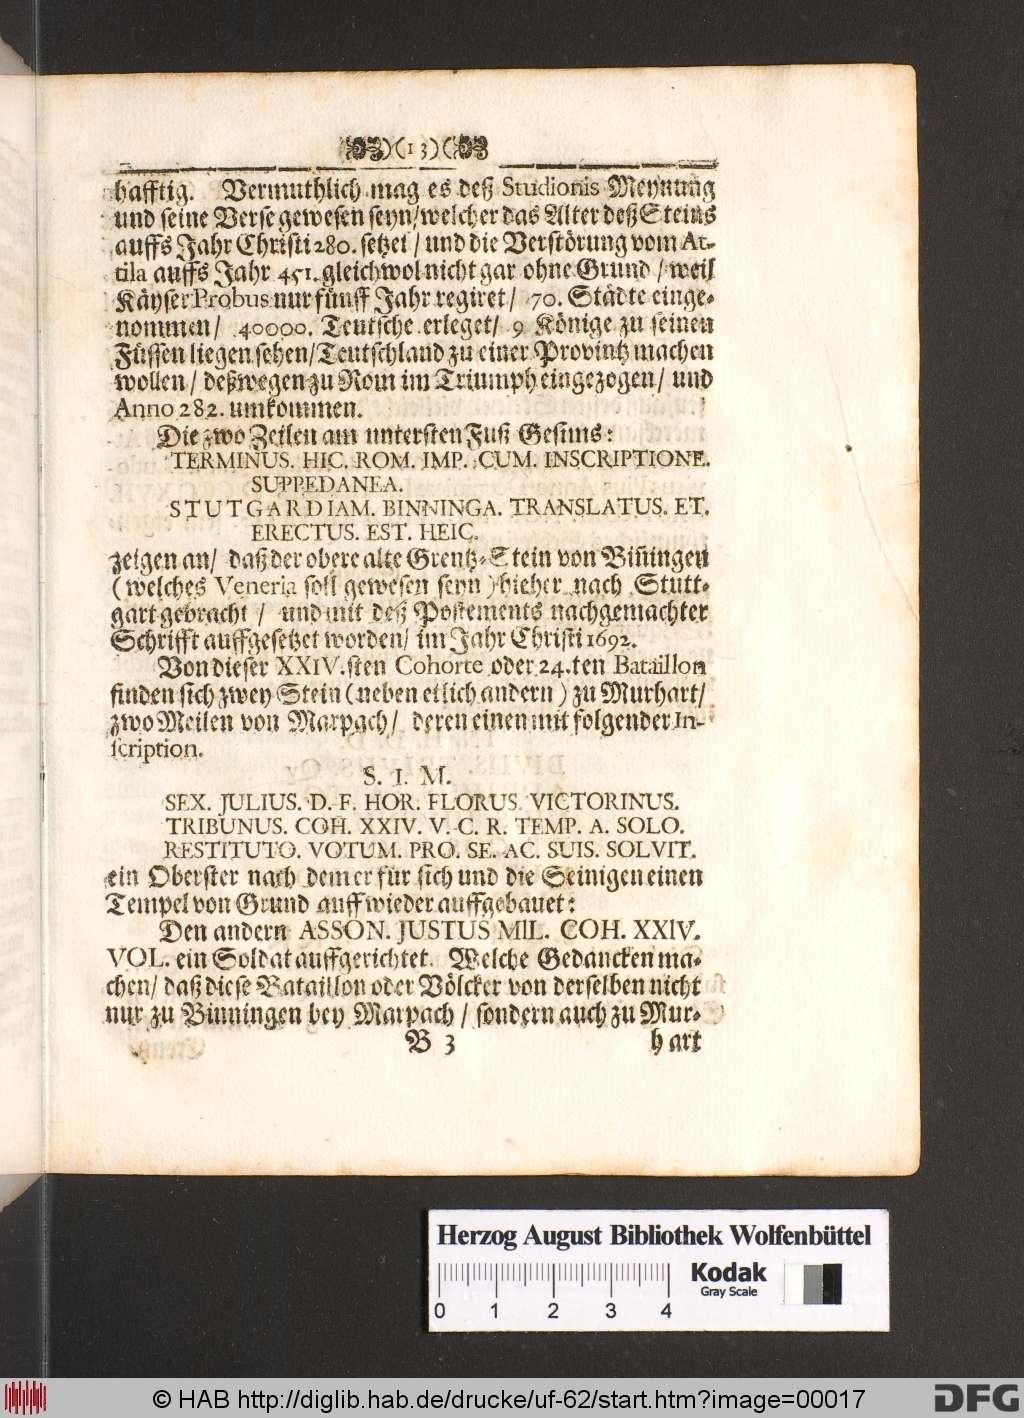 http://diglib.hab.de/drucke/uf-62/00017.jpg